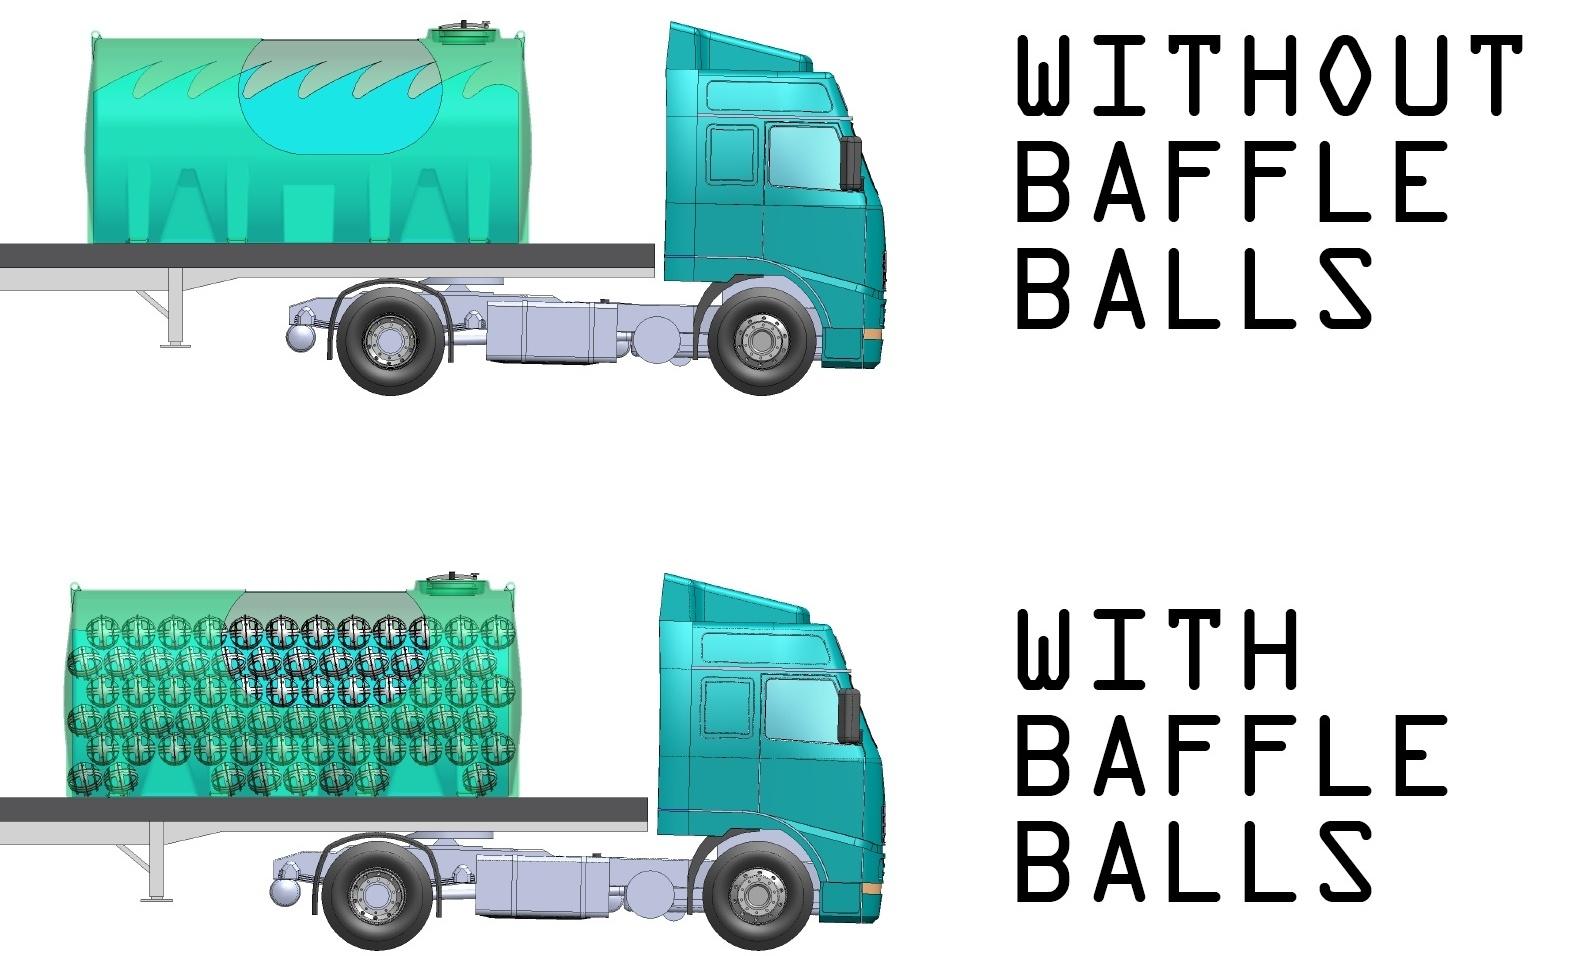 Baffle-Ball-Diagram.jpg